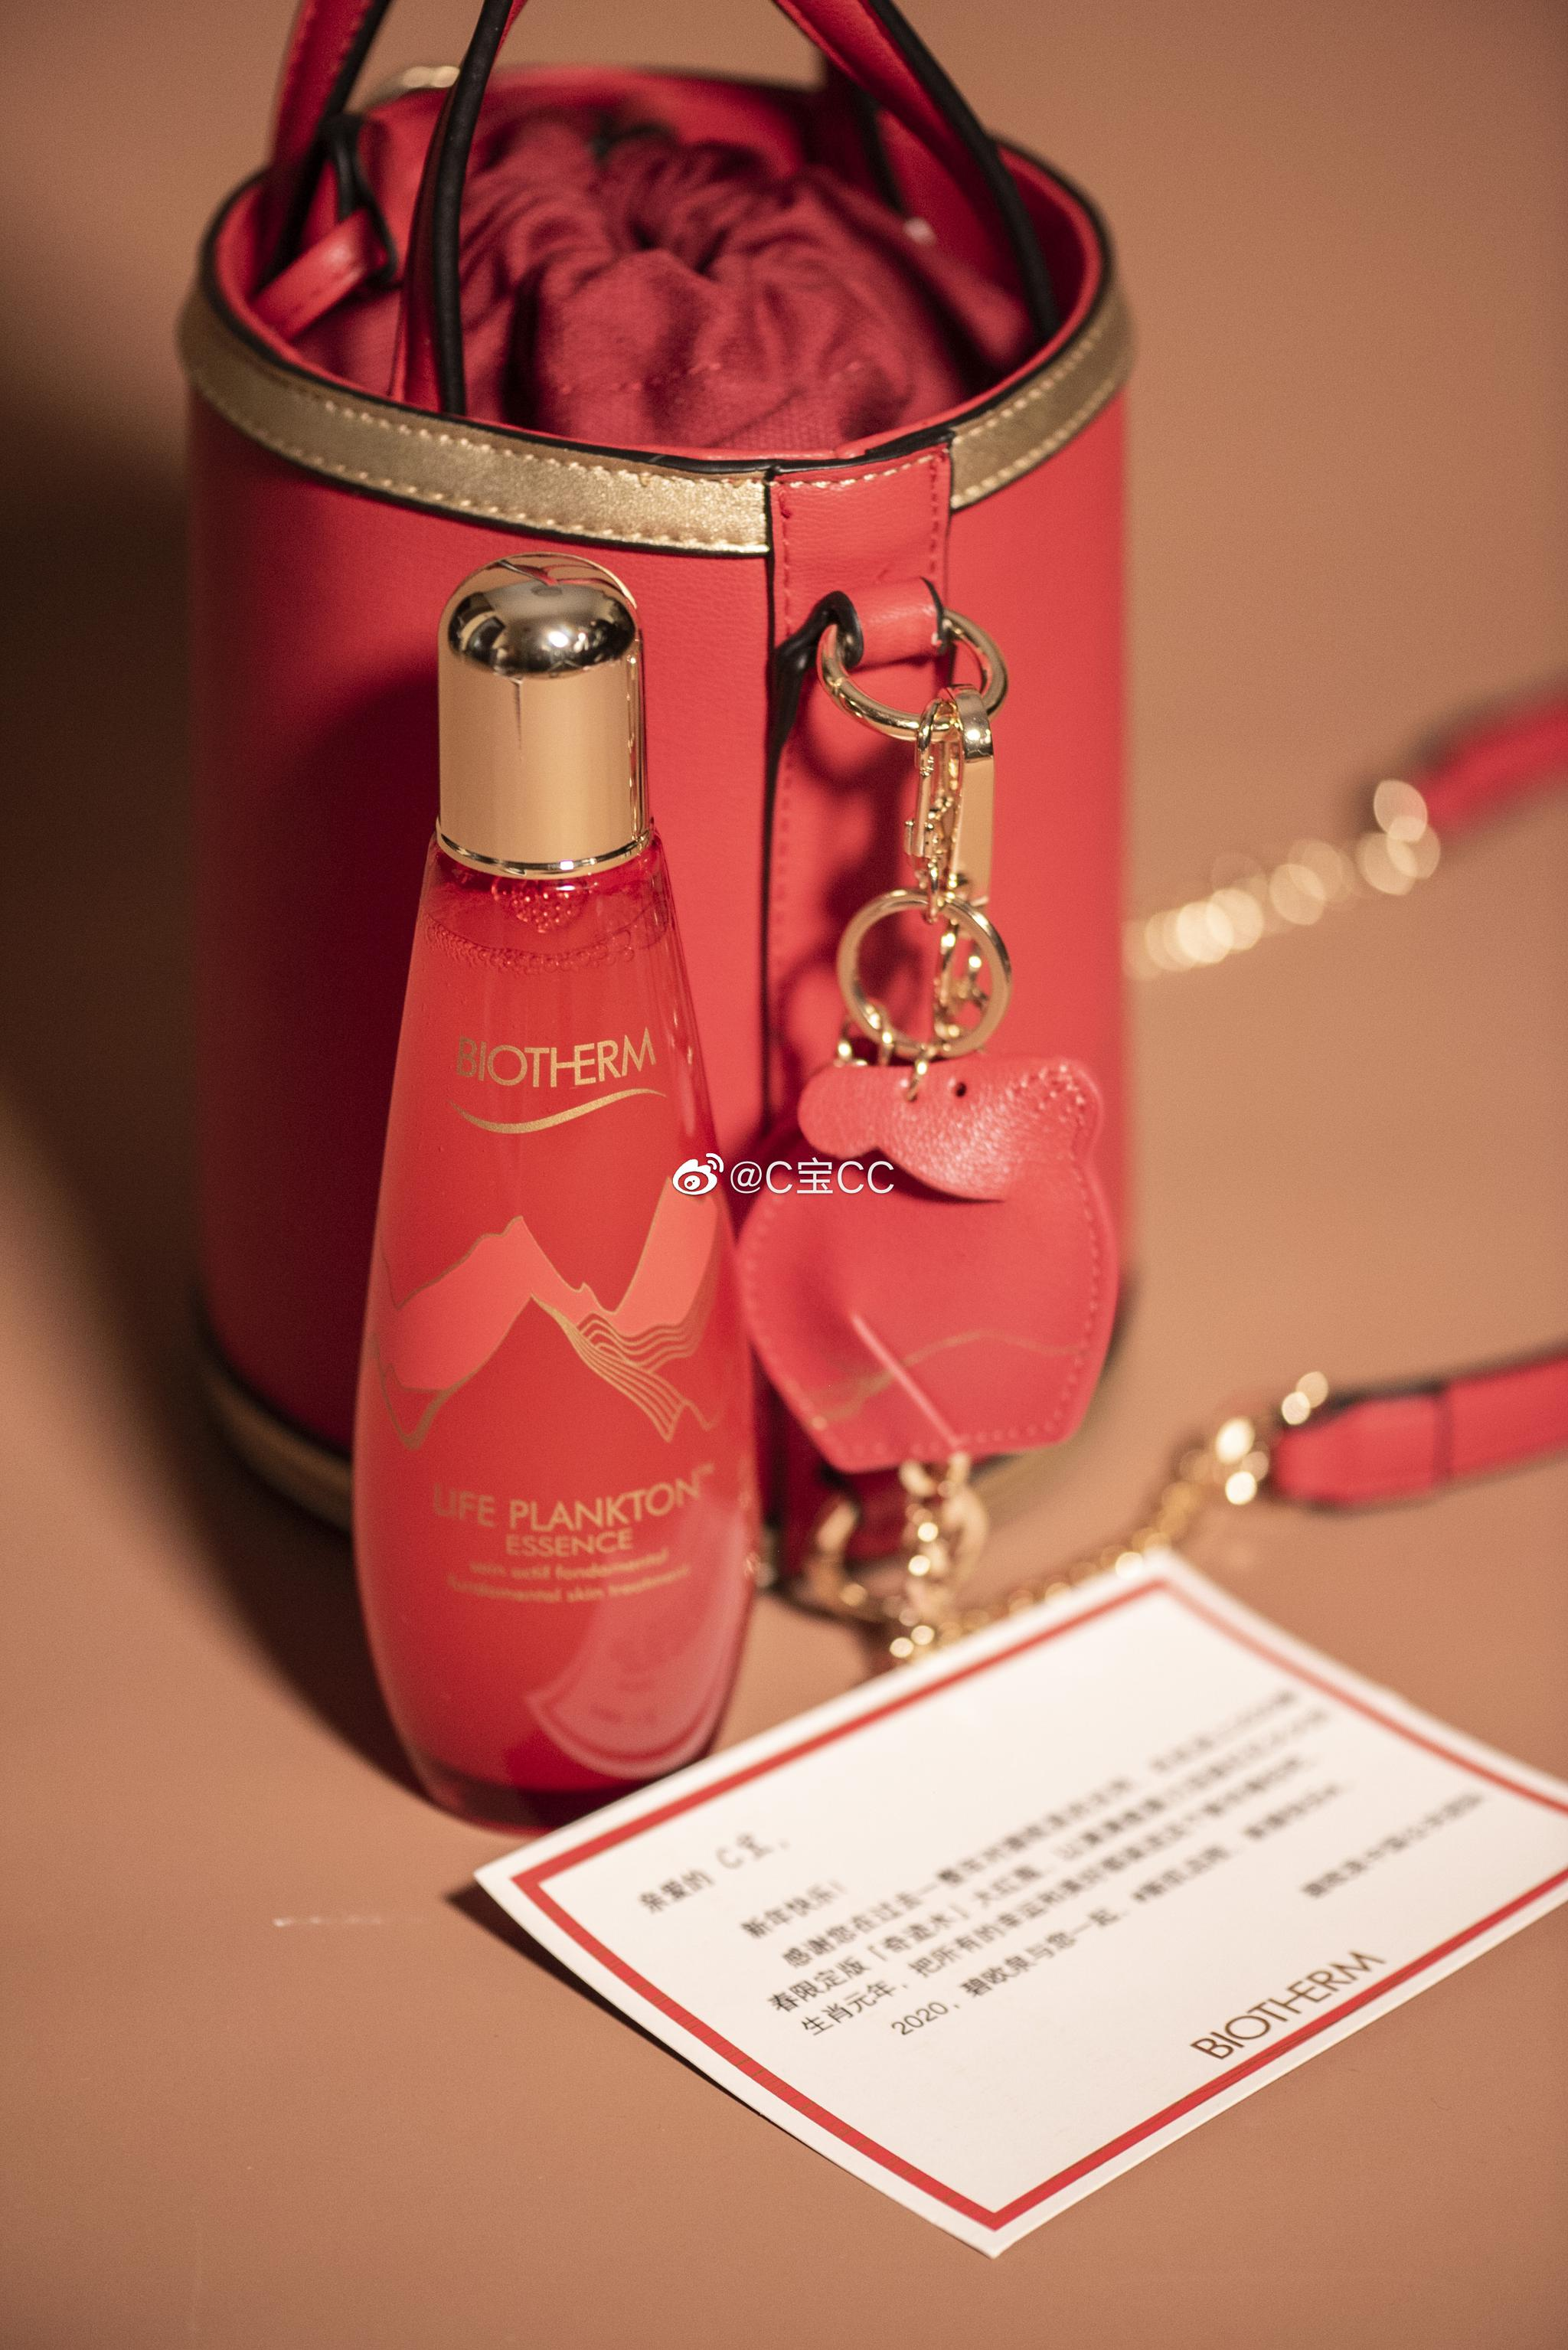 新年快乐又一波谢谢各位品牌好友的礼物~碧欧泉精华露新年红彤彤的包